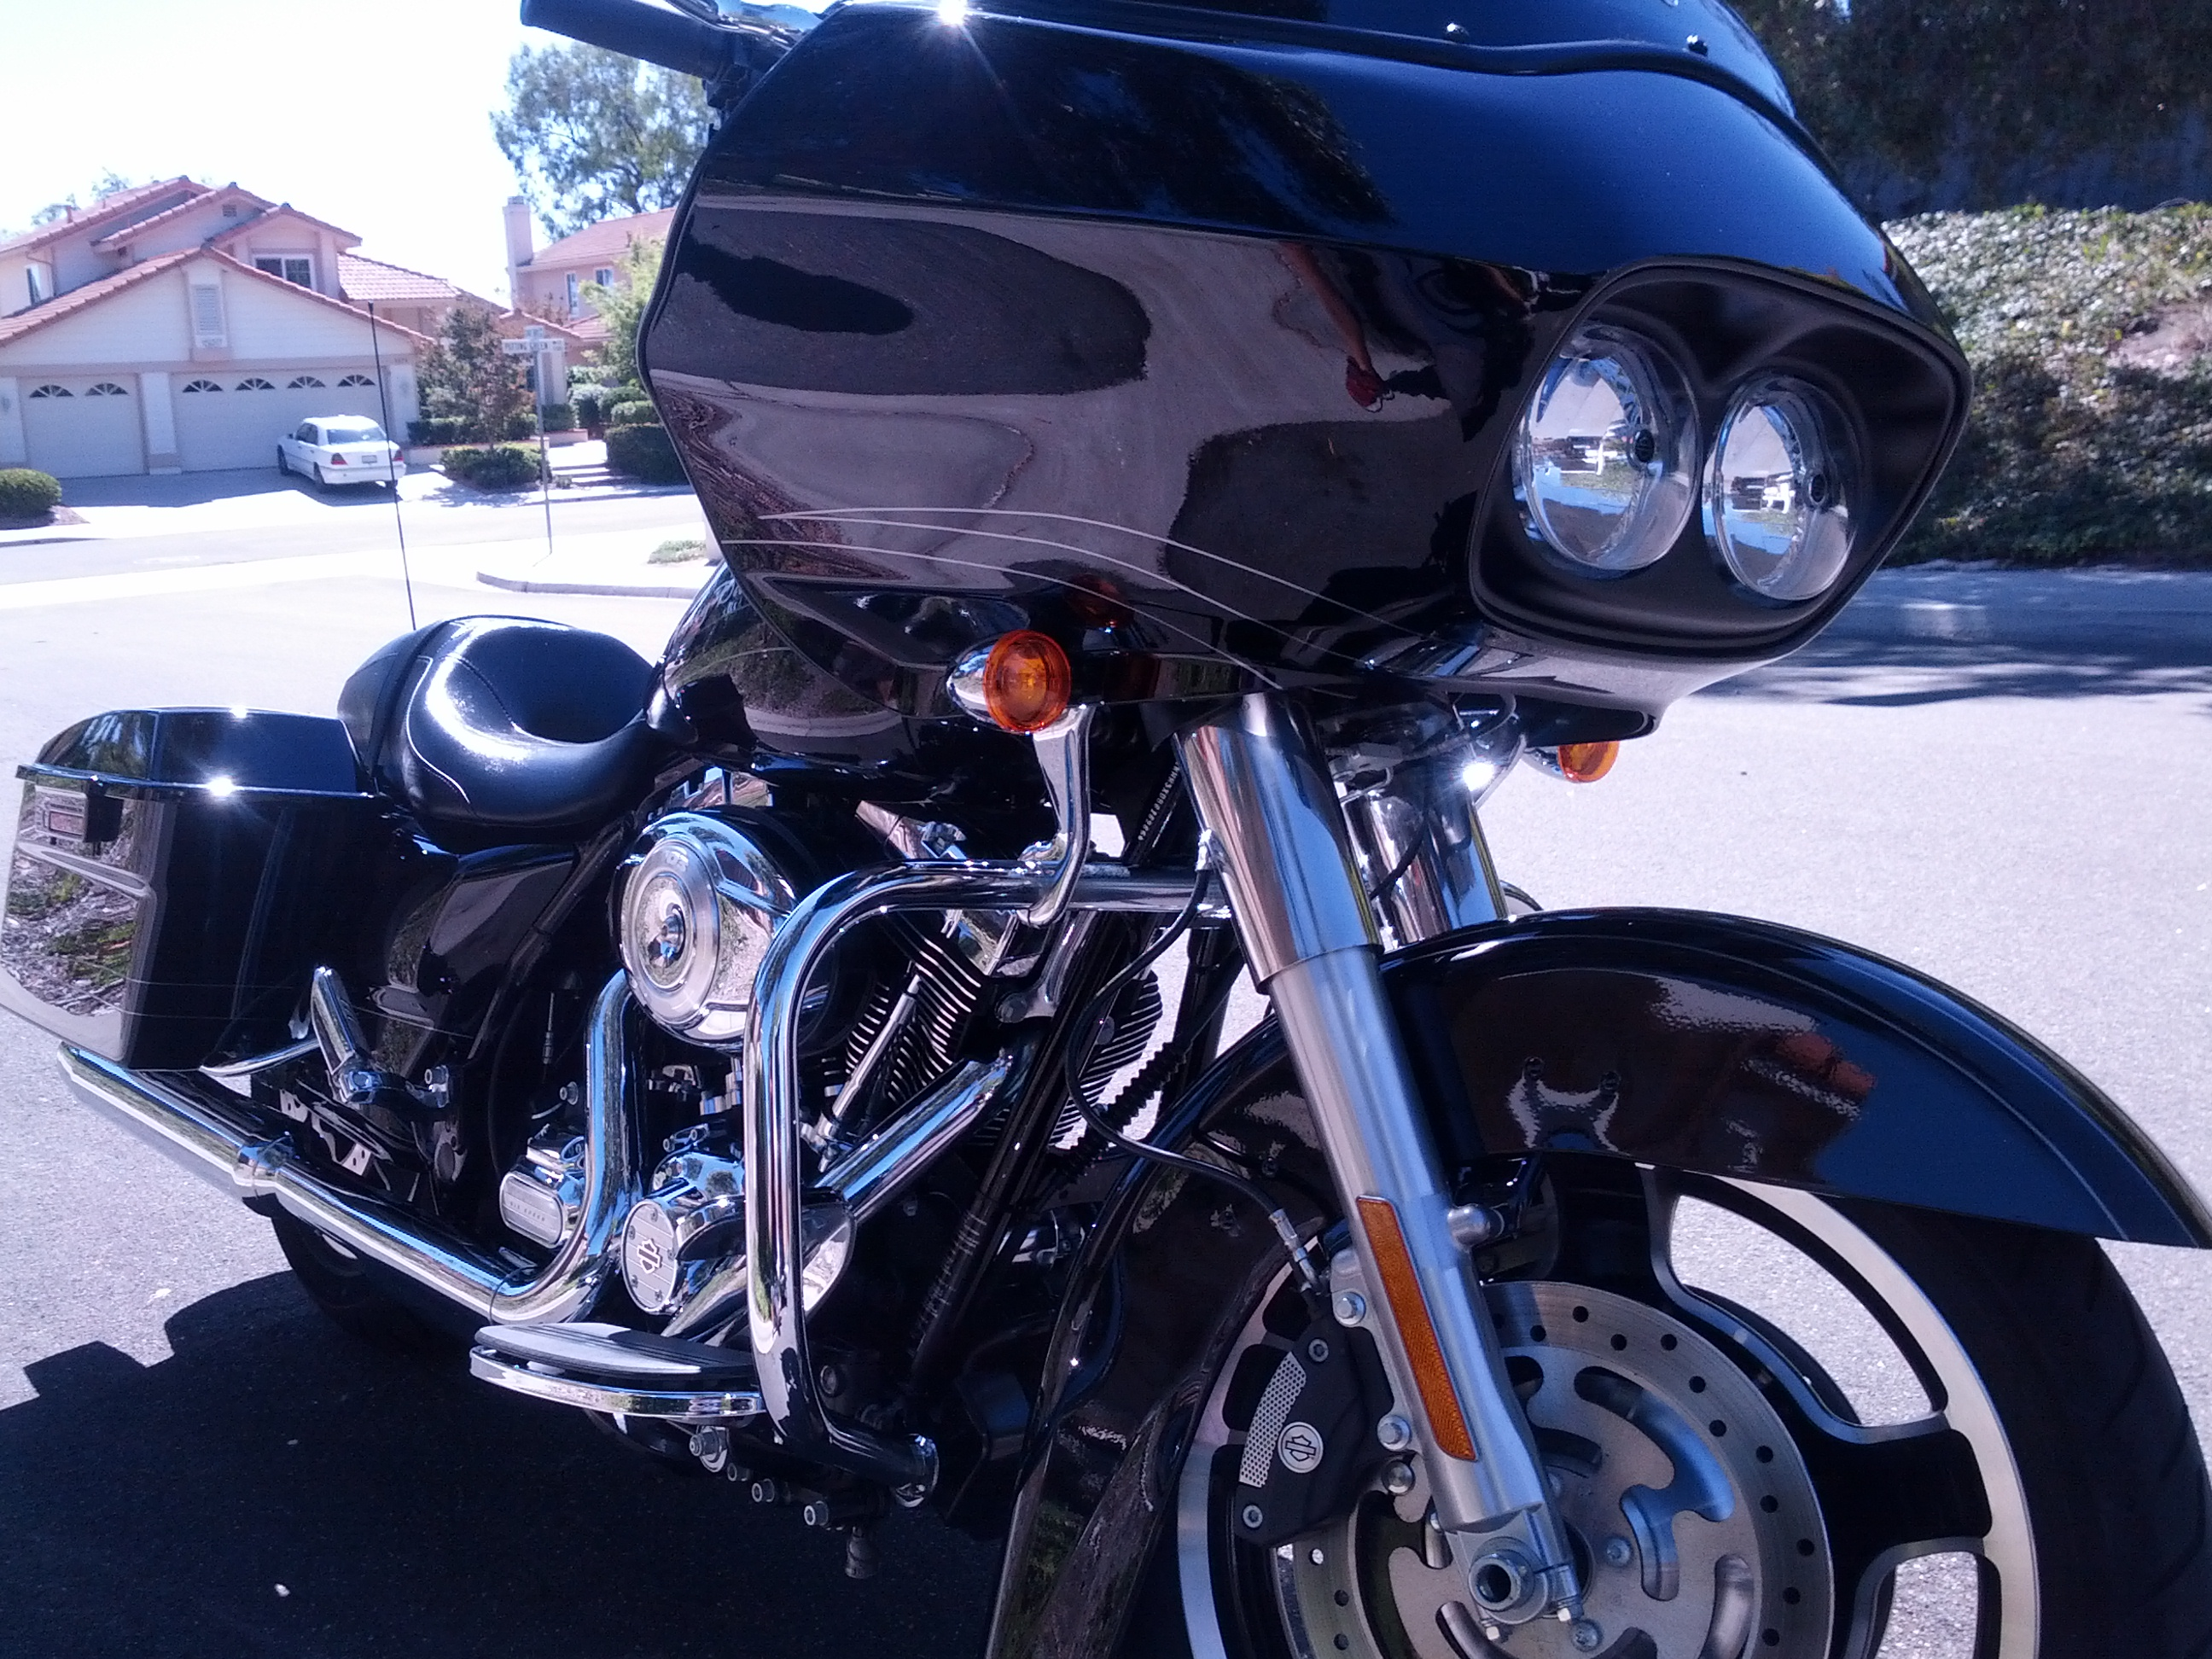 Motorcycle Detailing